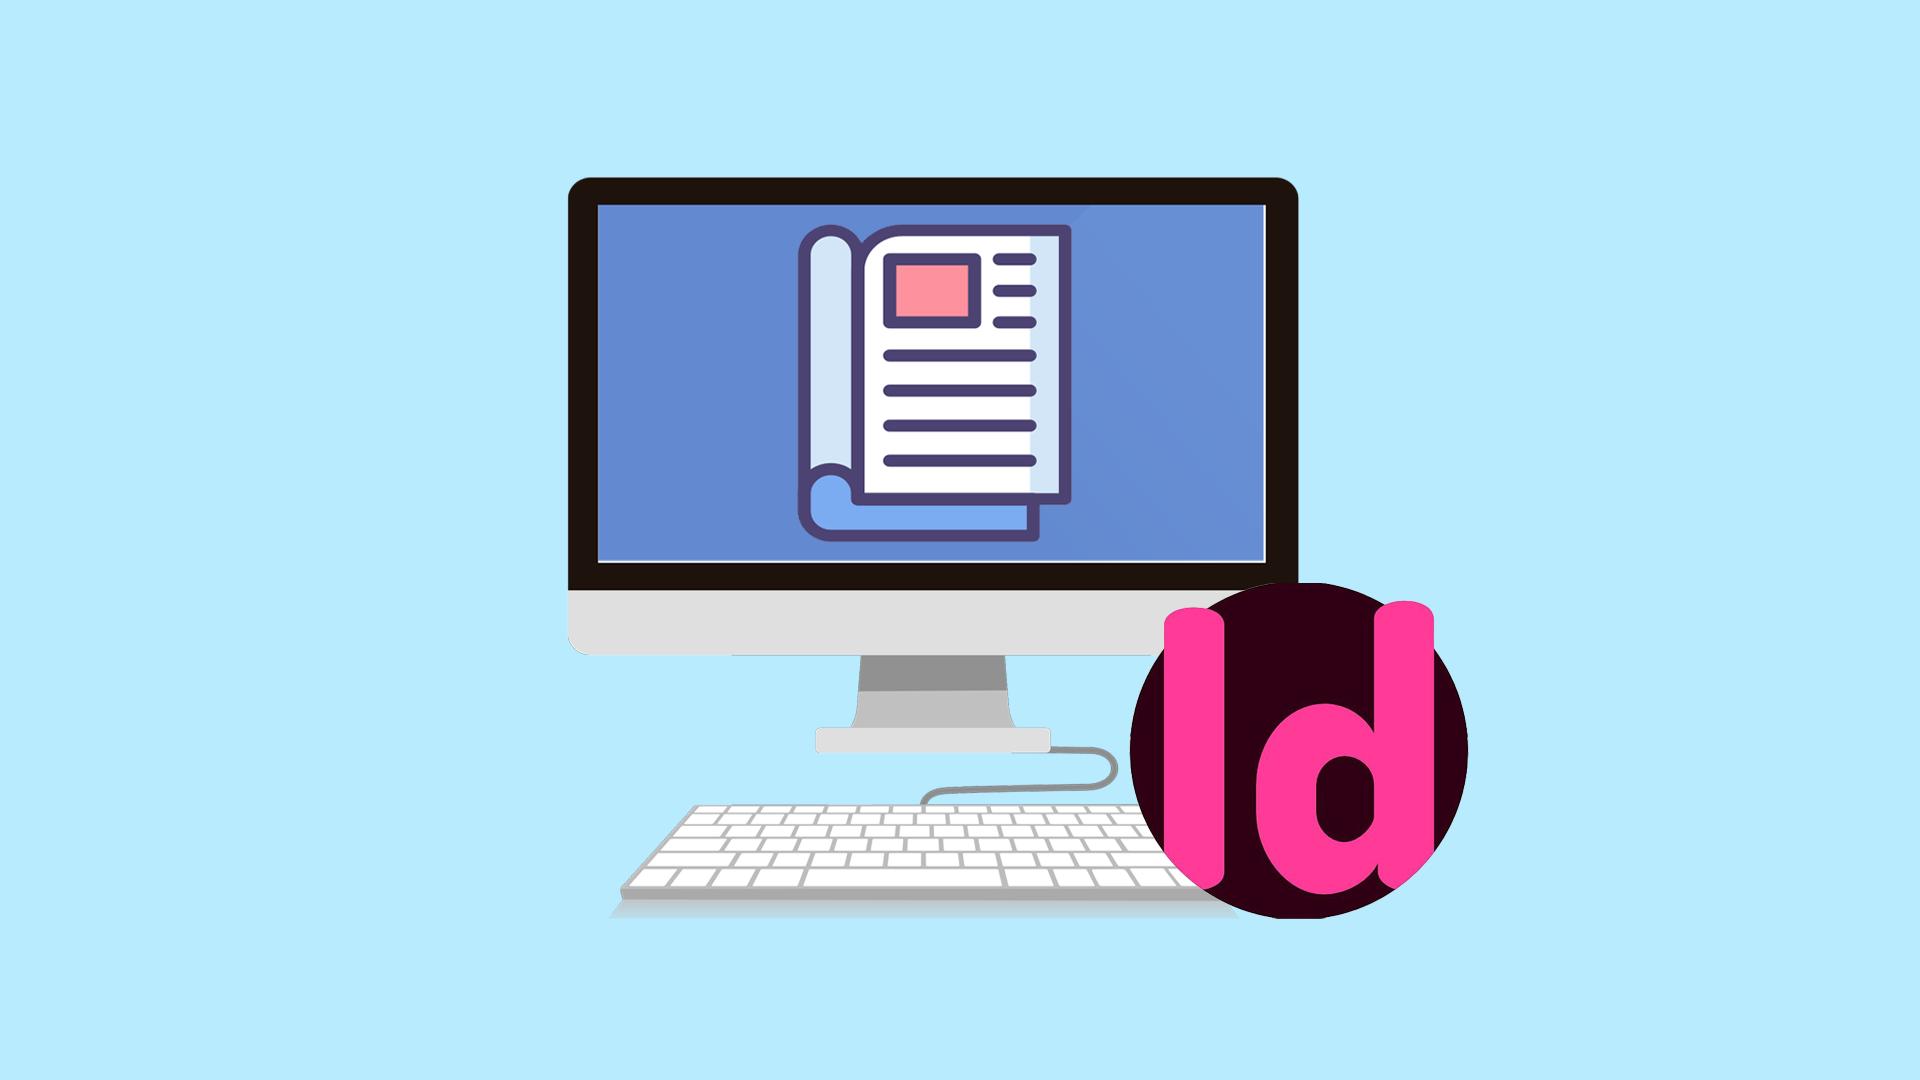 آموزش کاربردی InDesign